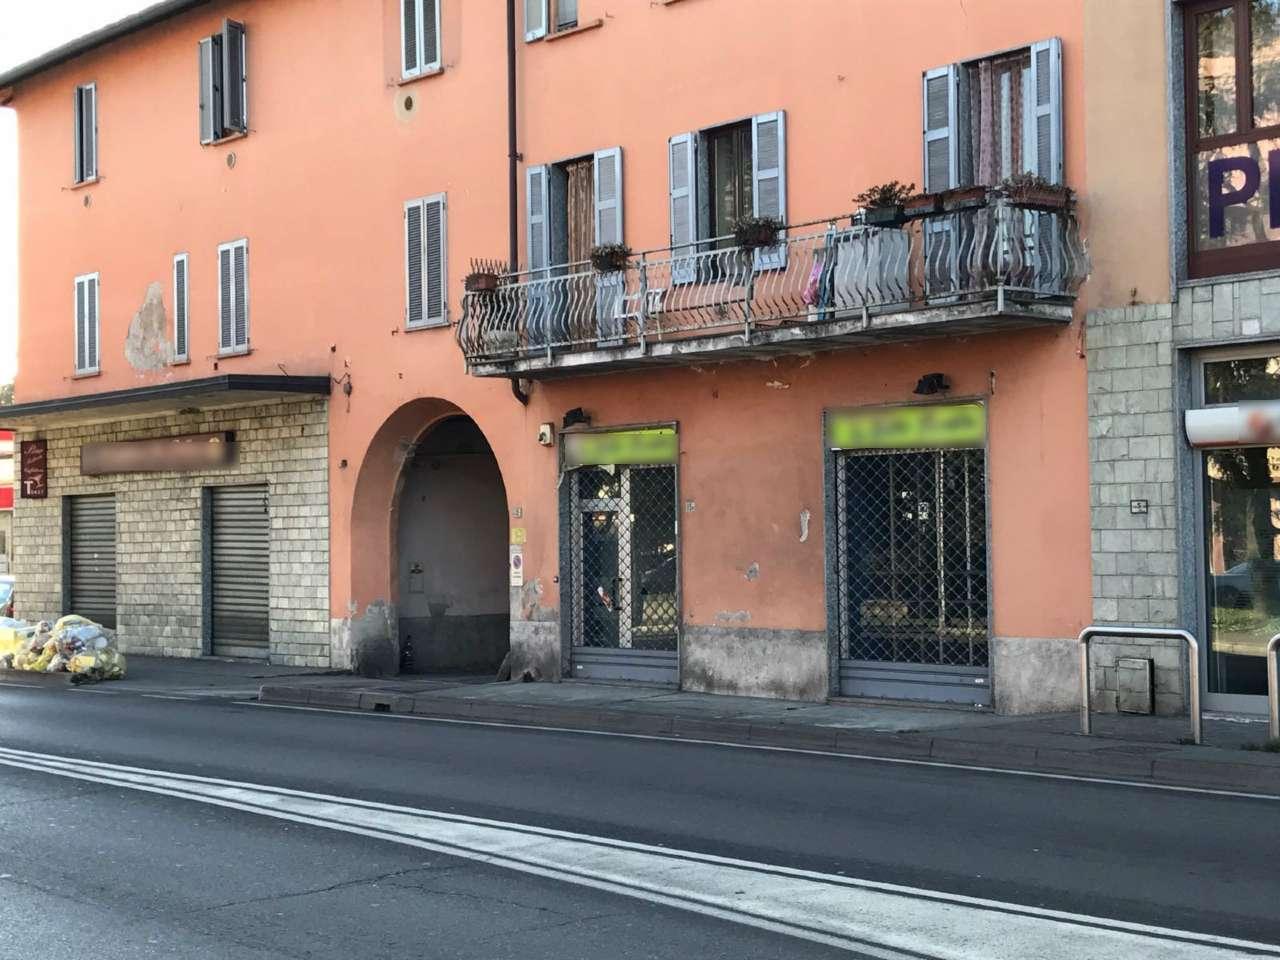 Negozio / Locale in affitto a Cassano d'Adda, 9999 locali, prezzo € 600 | Cambio Casa.it